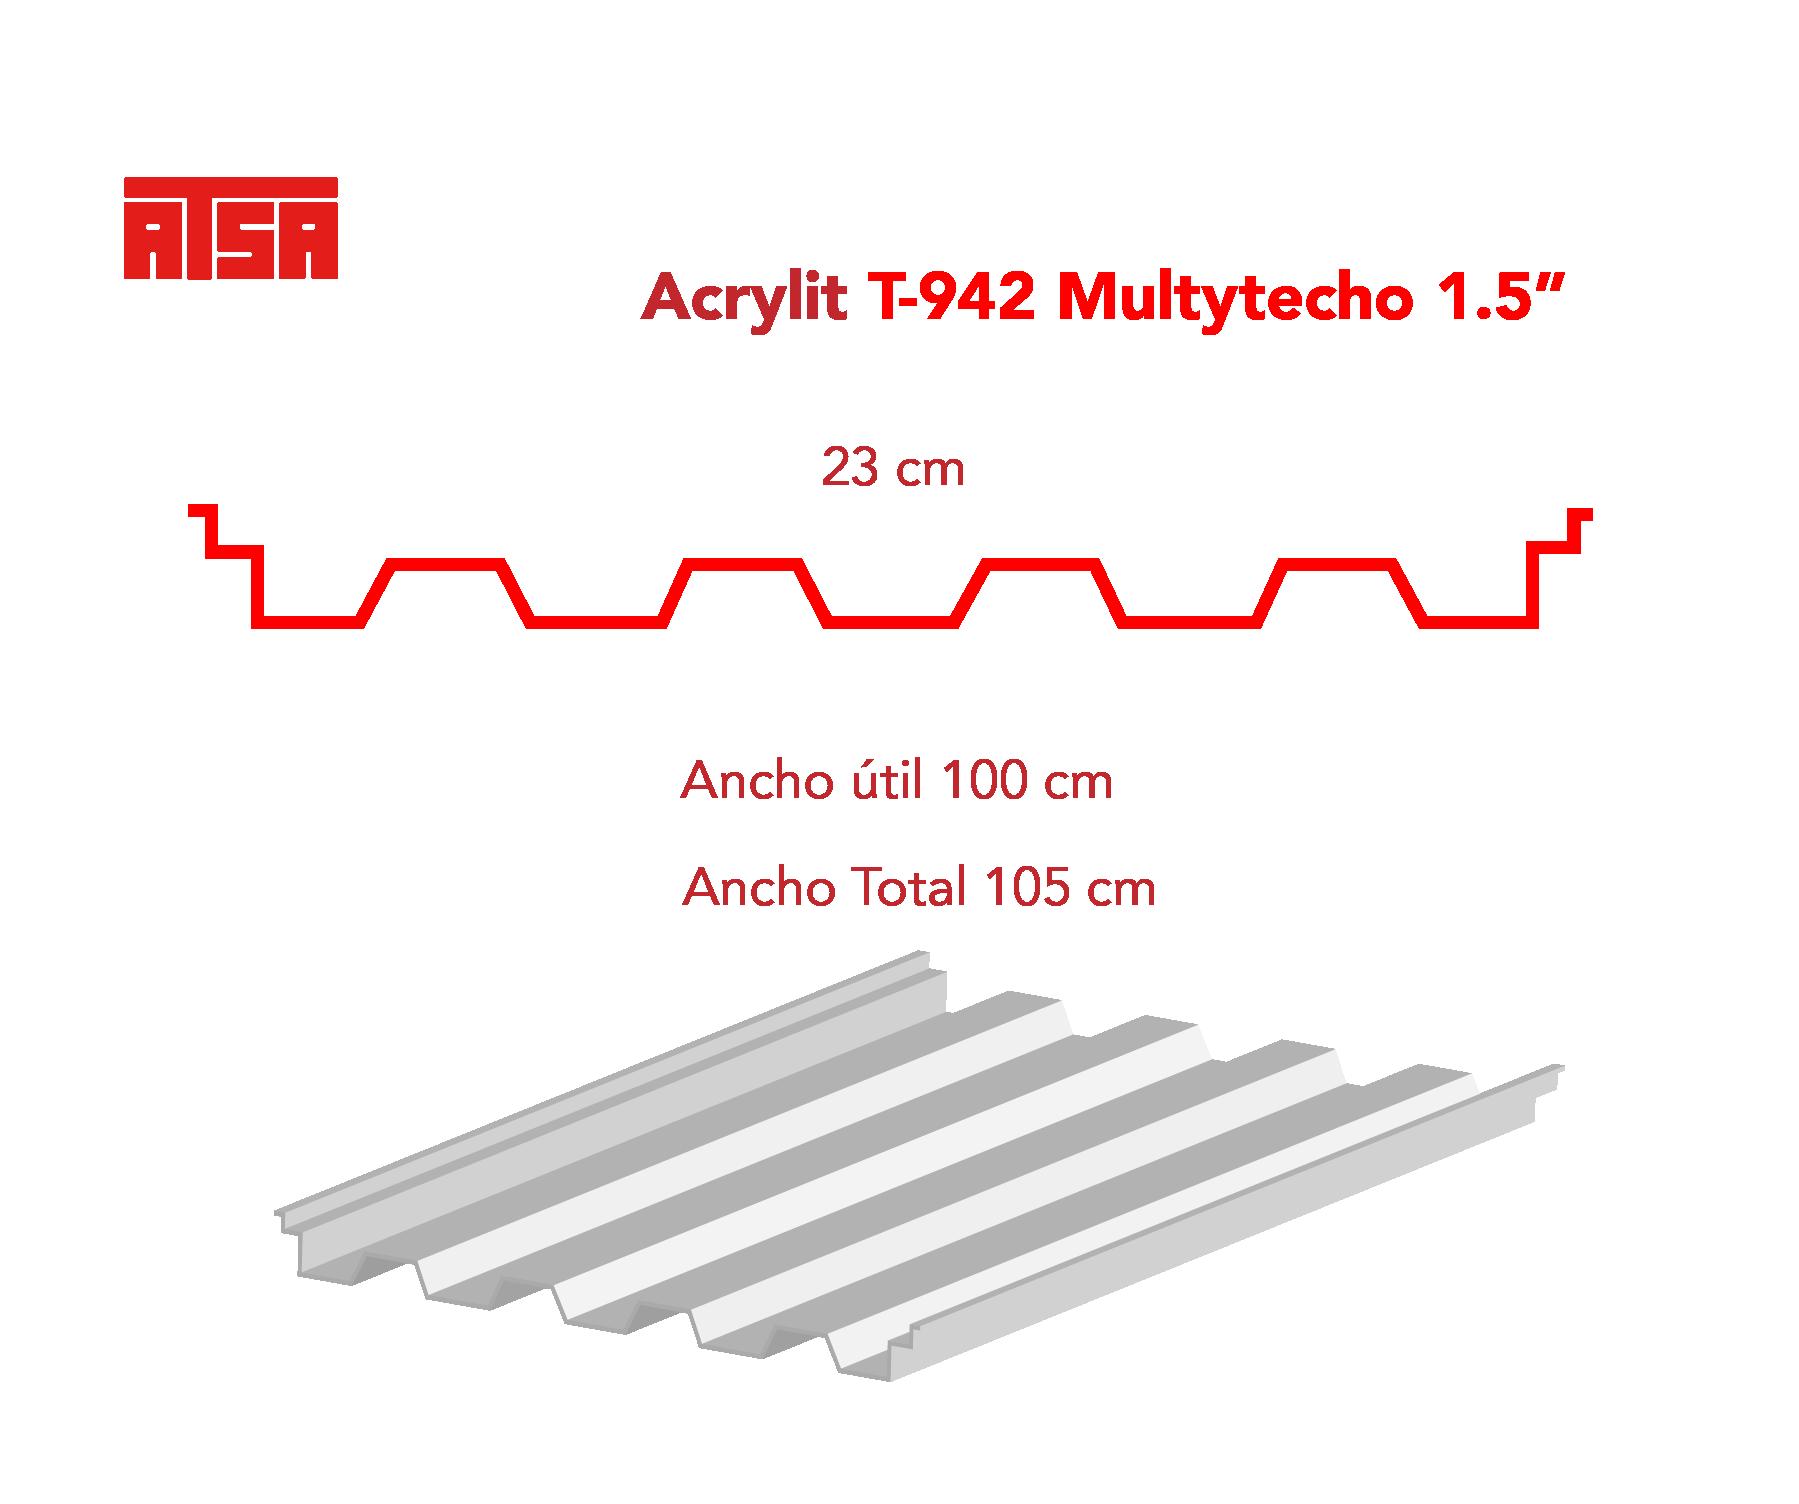 Medidas de la lámina acrylit g10 traslúcida